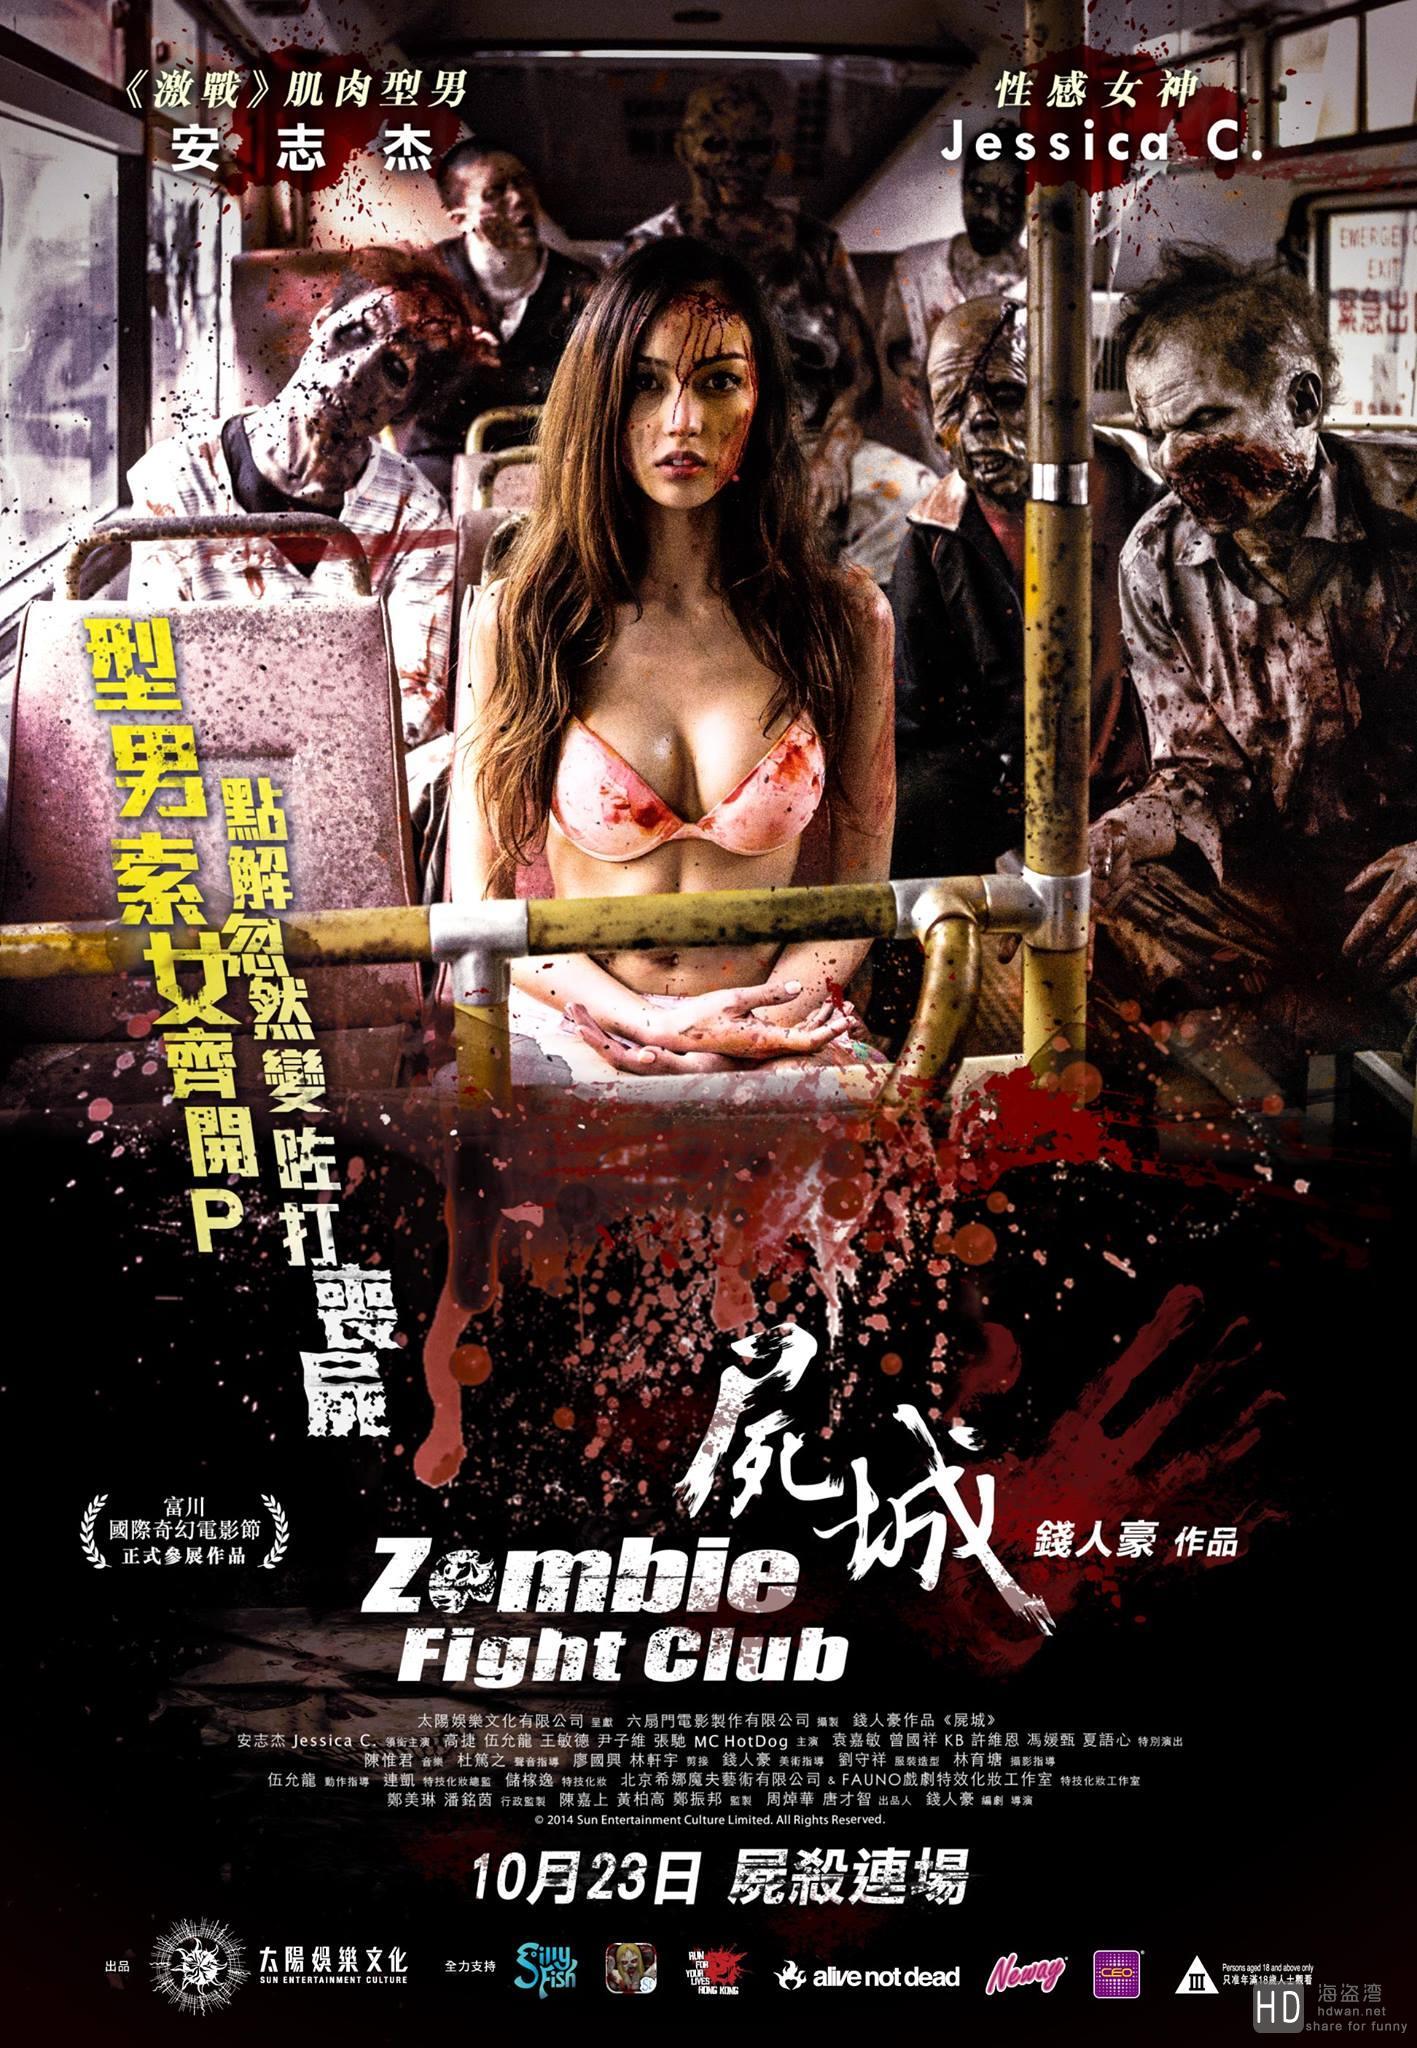 [2014][香港][恐怖][尸城.Zombie.Fight.Club][720P/BT高清电影下载]